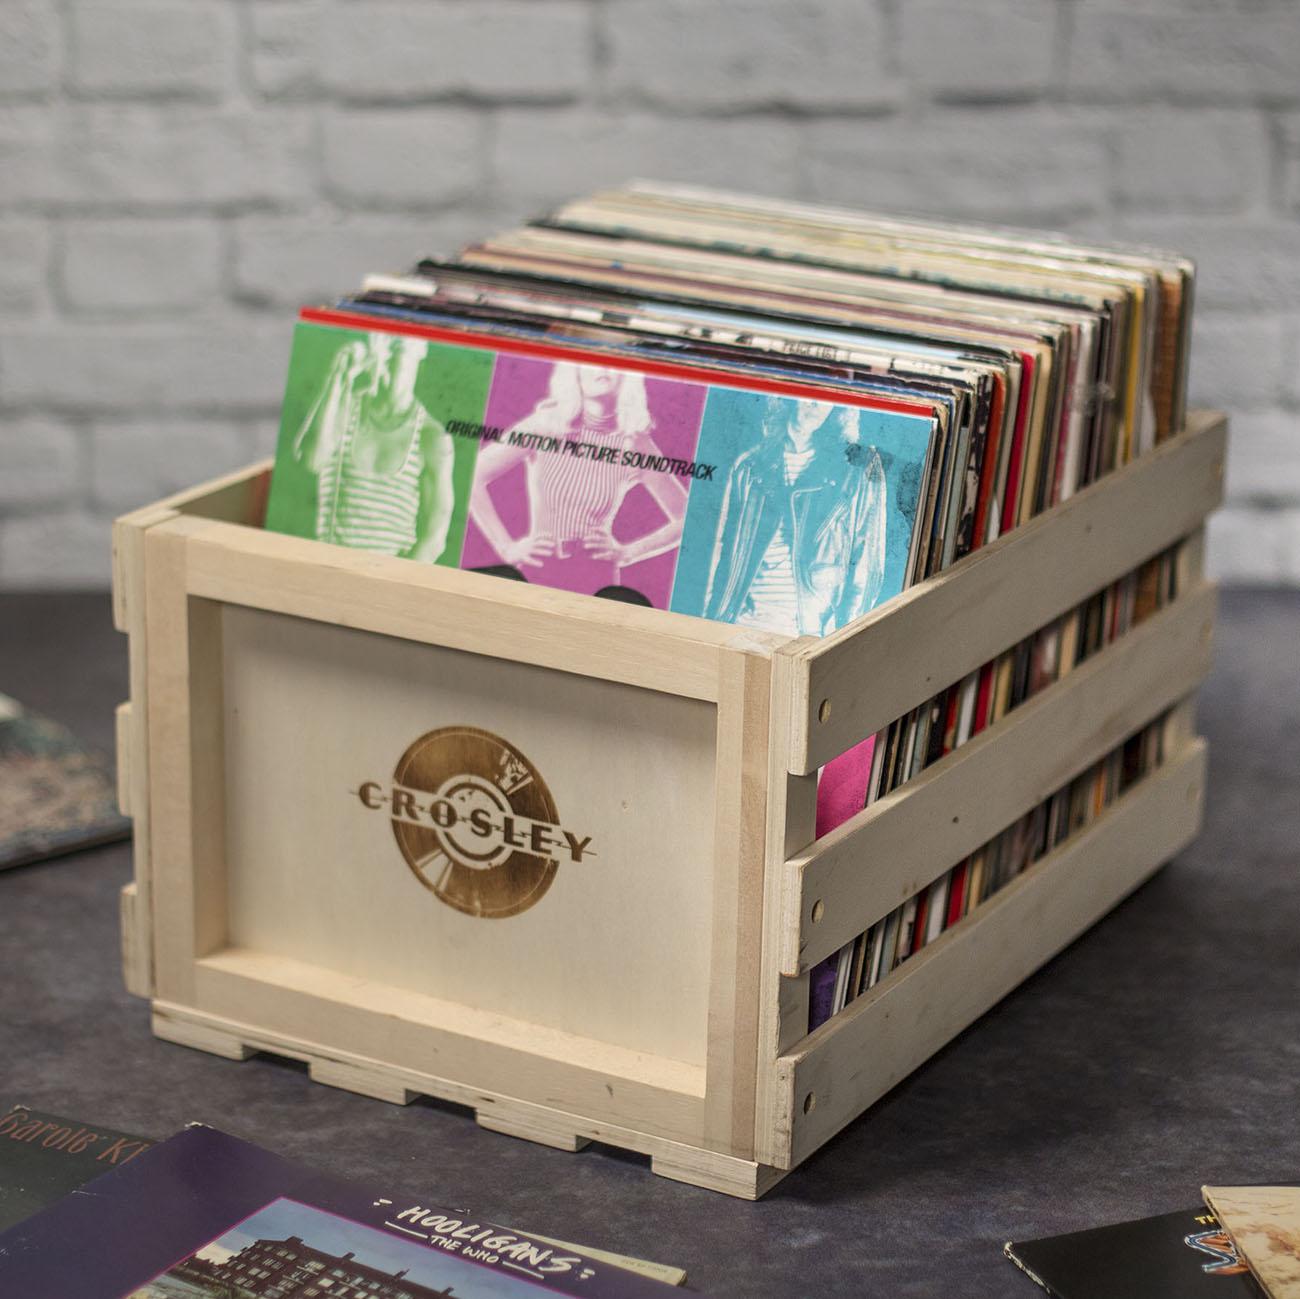 How to store vinyl